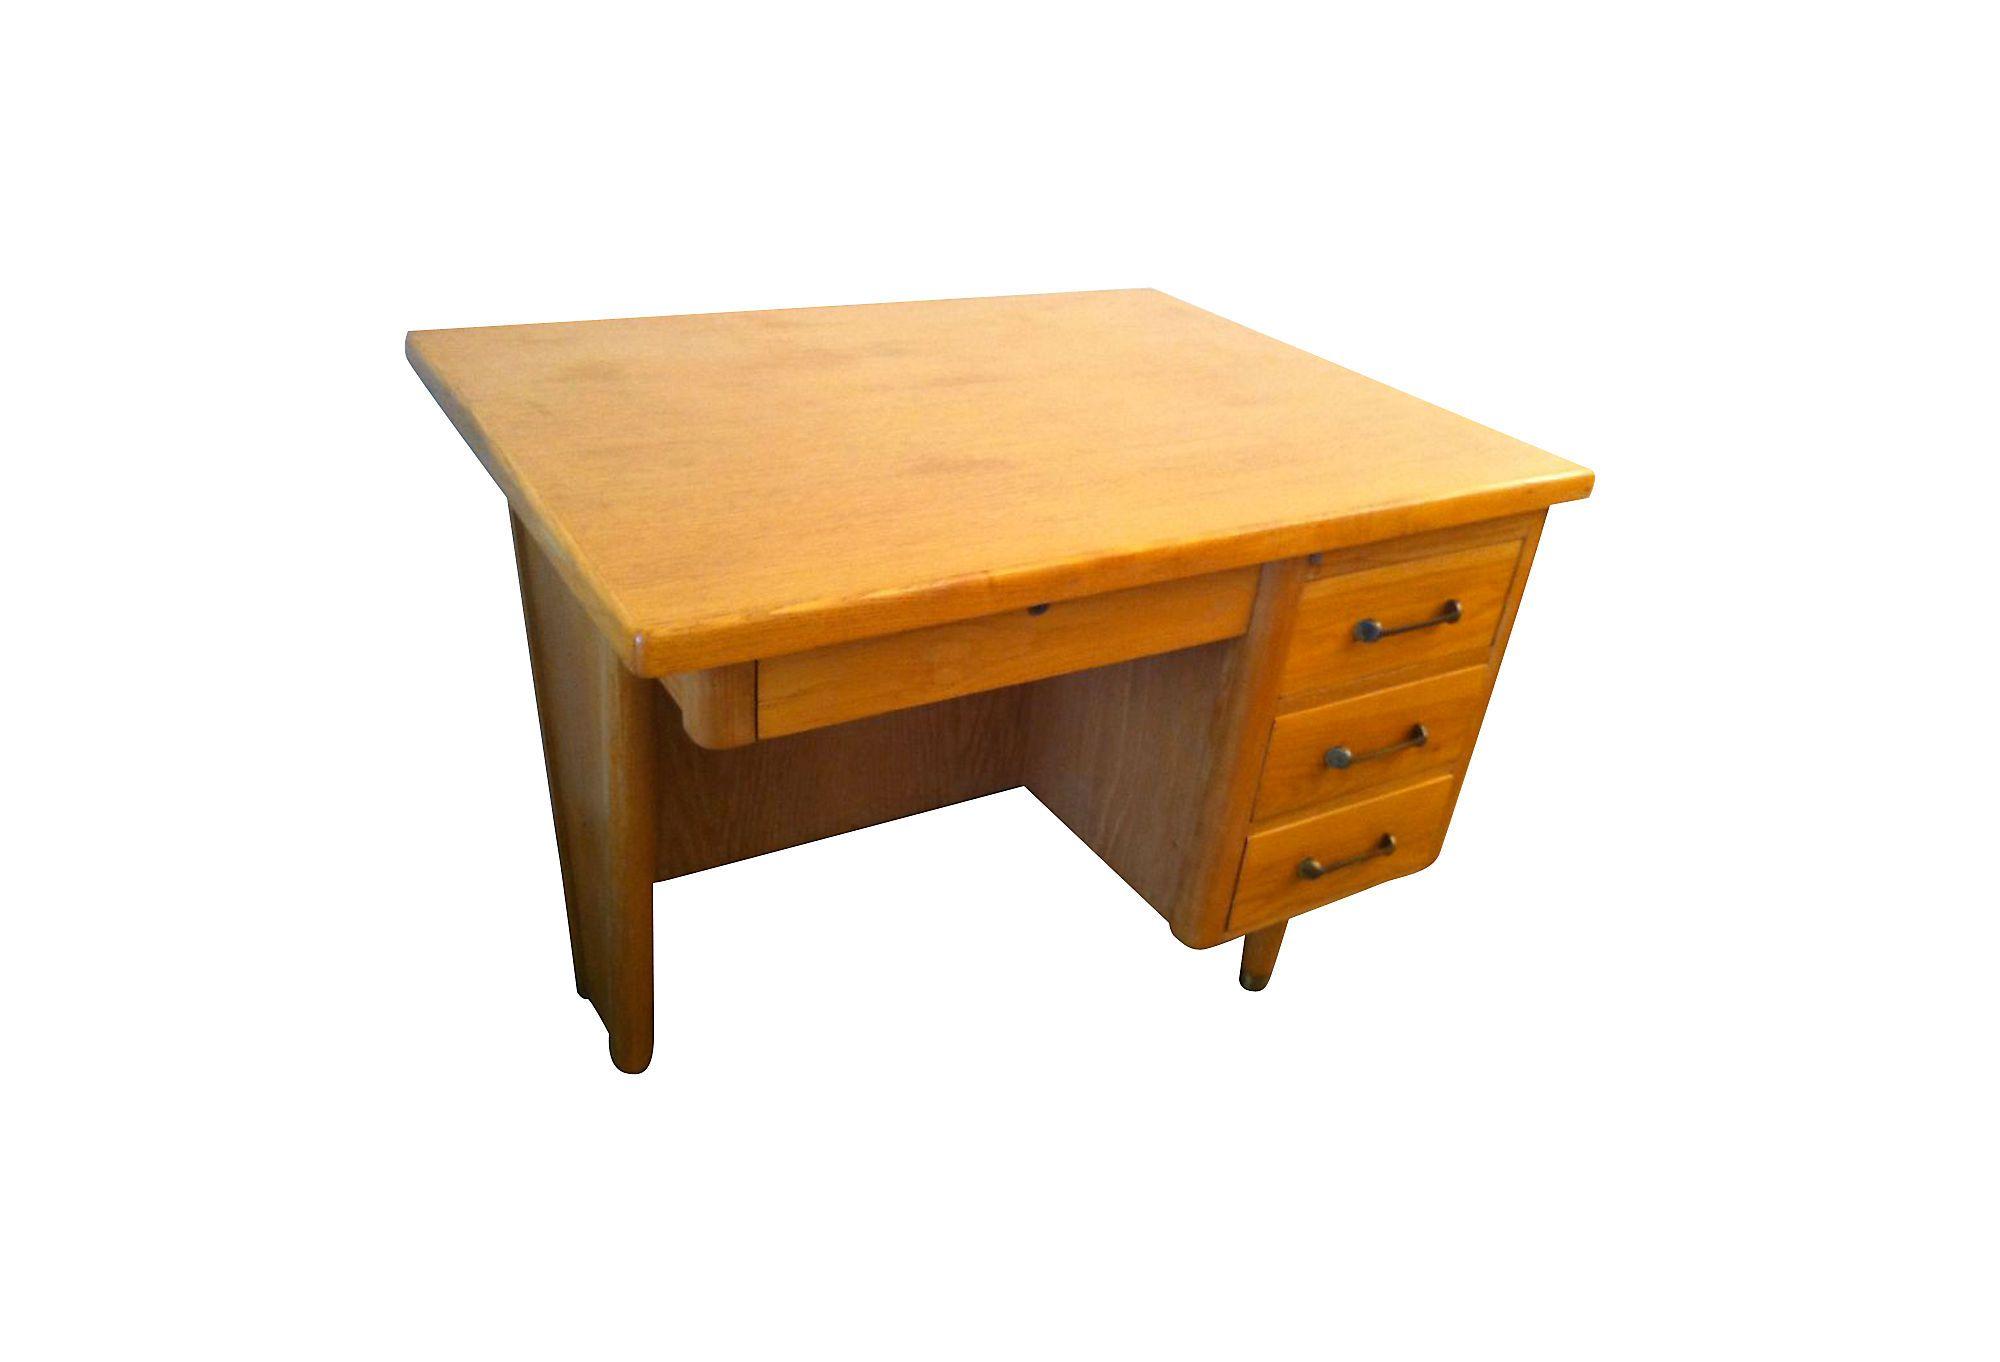 A small light oak art deco herman miller desk with brass